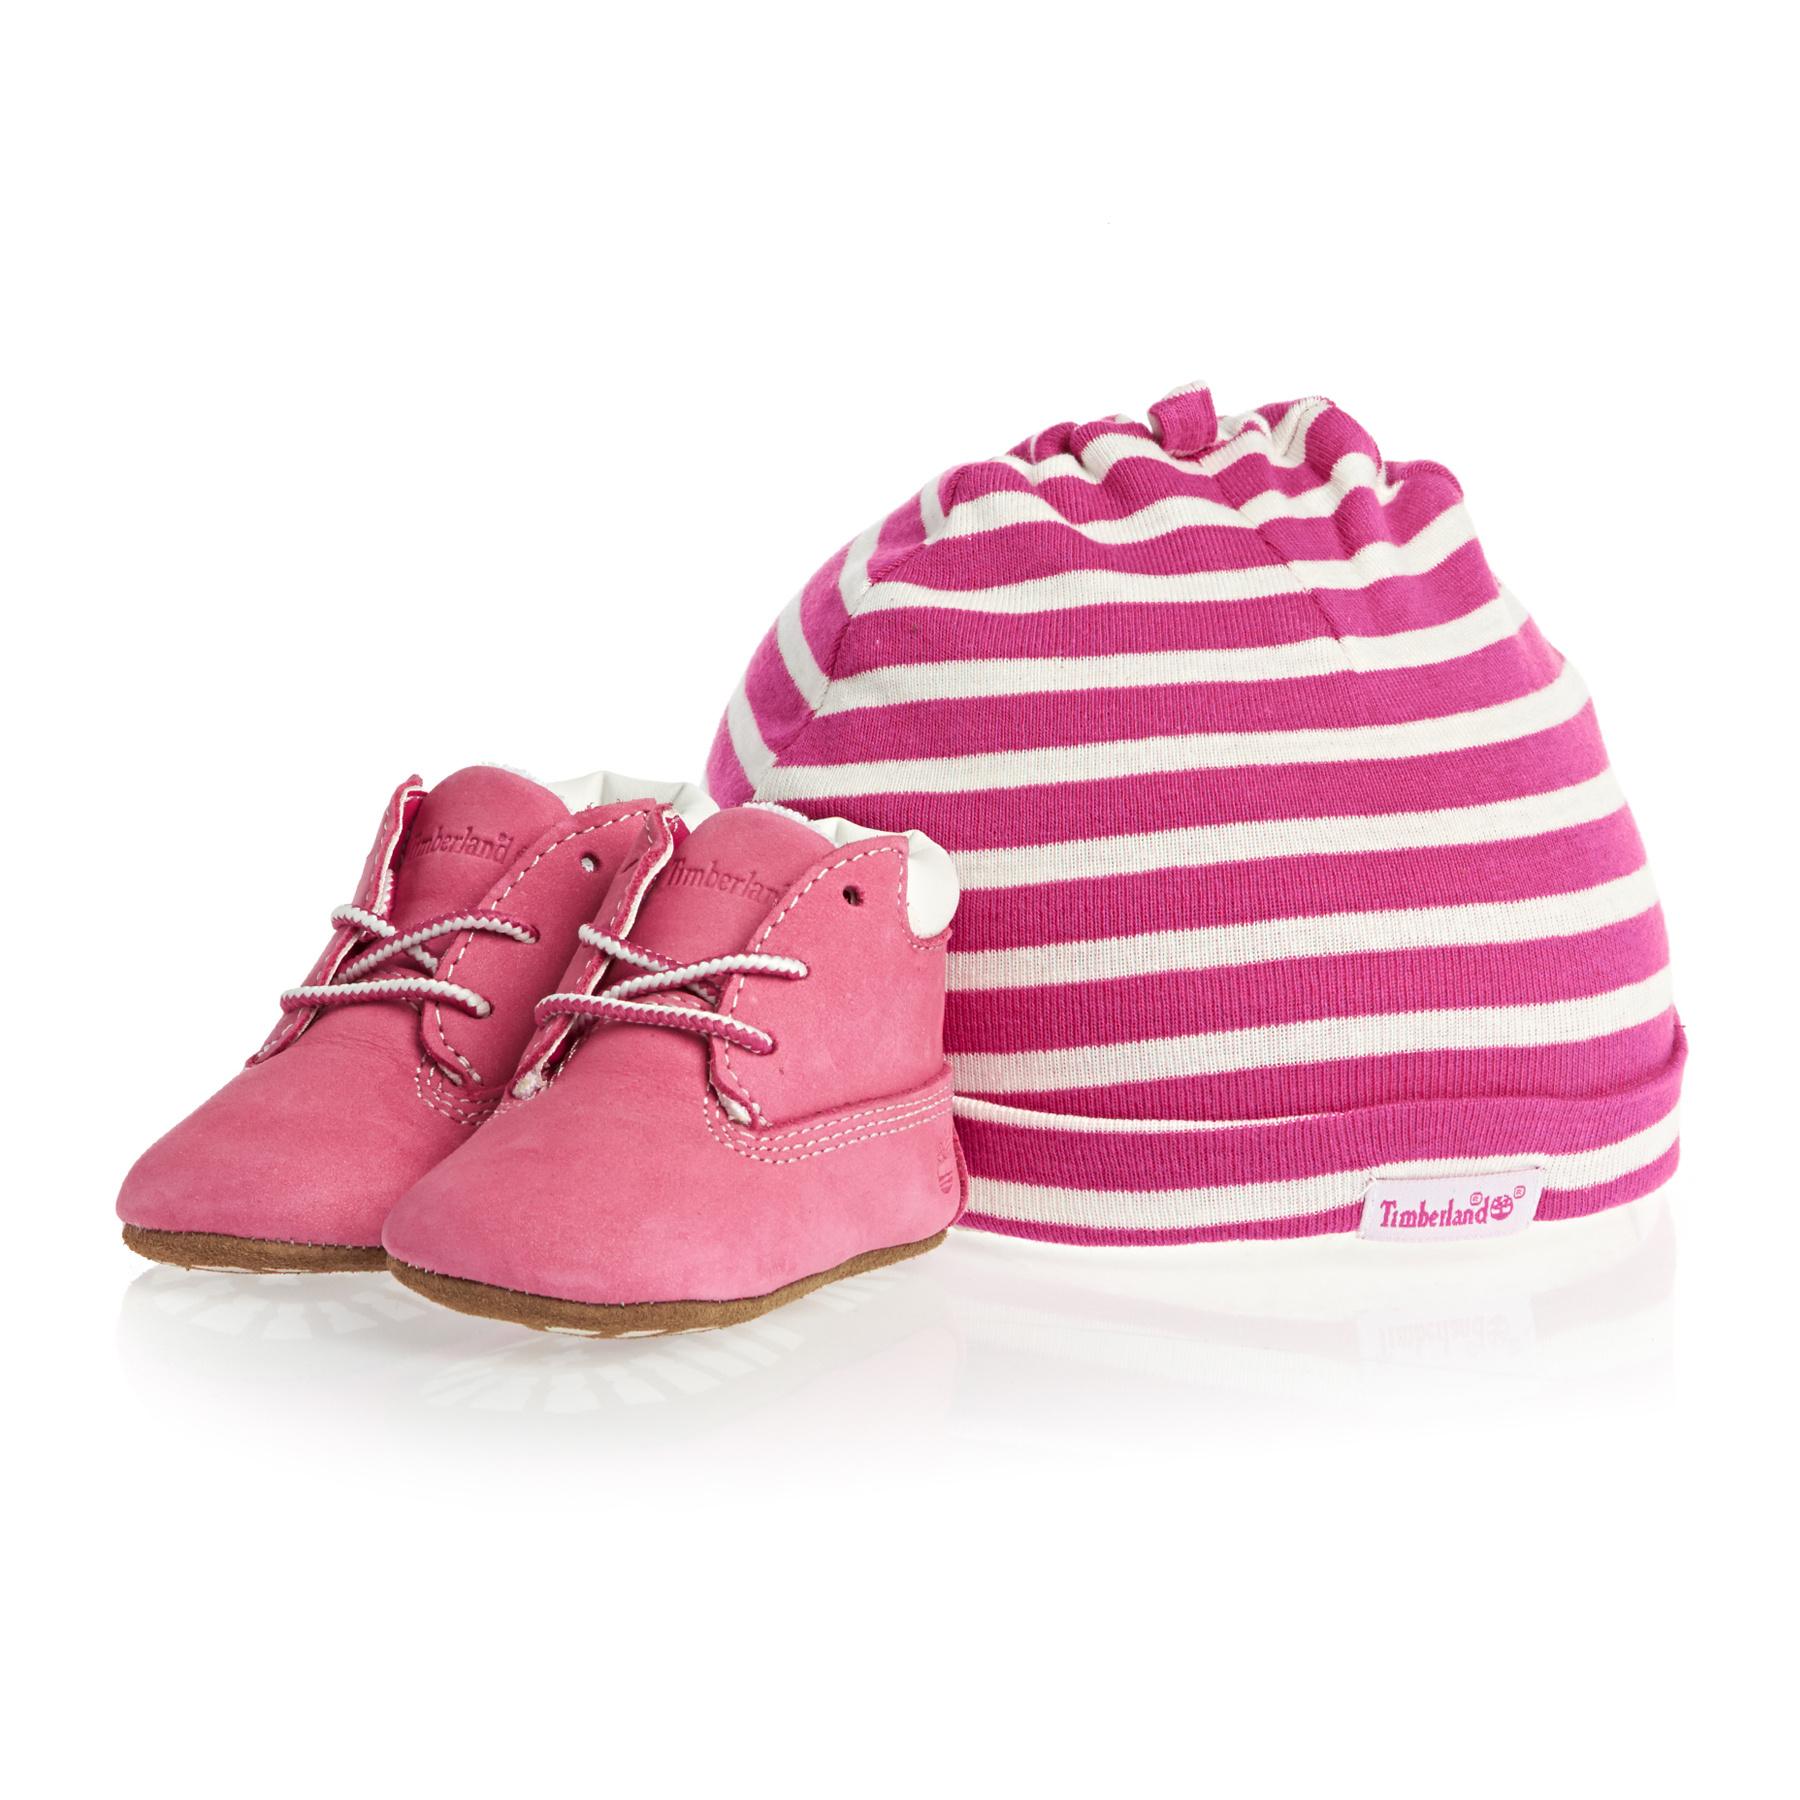 Chaussures Bébé Timberland Infant beanie and Crib | Livraison gratuite dès 30€ d'achat en France* sur Surfdome